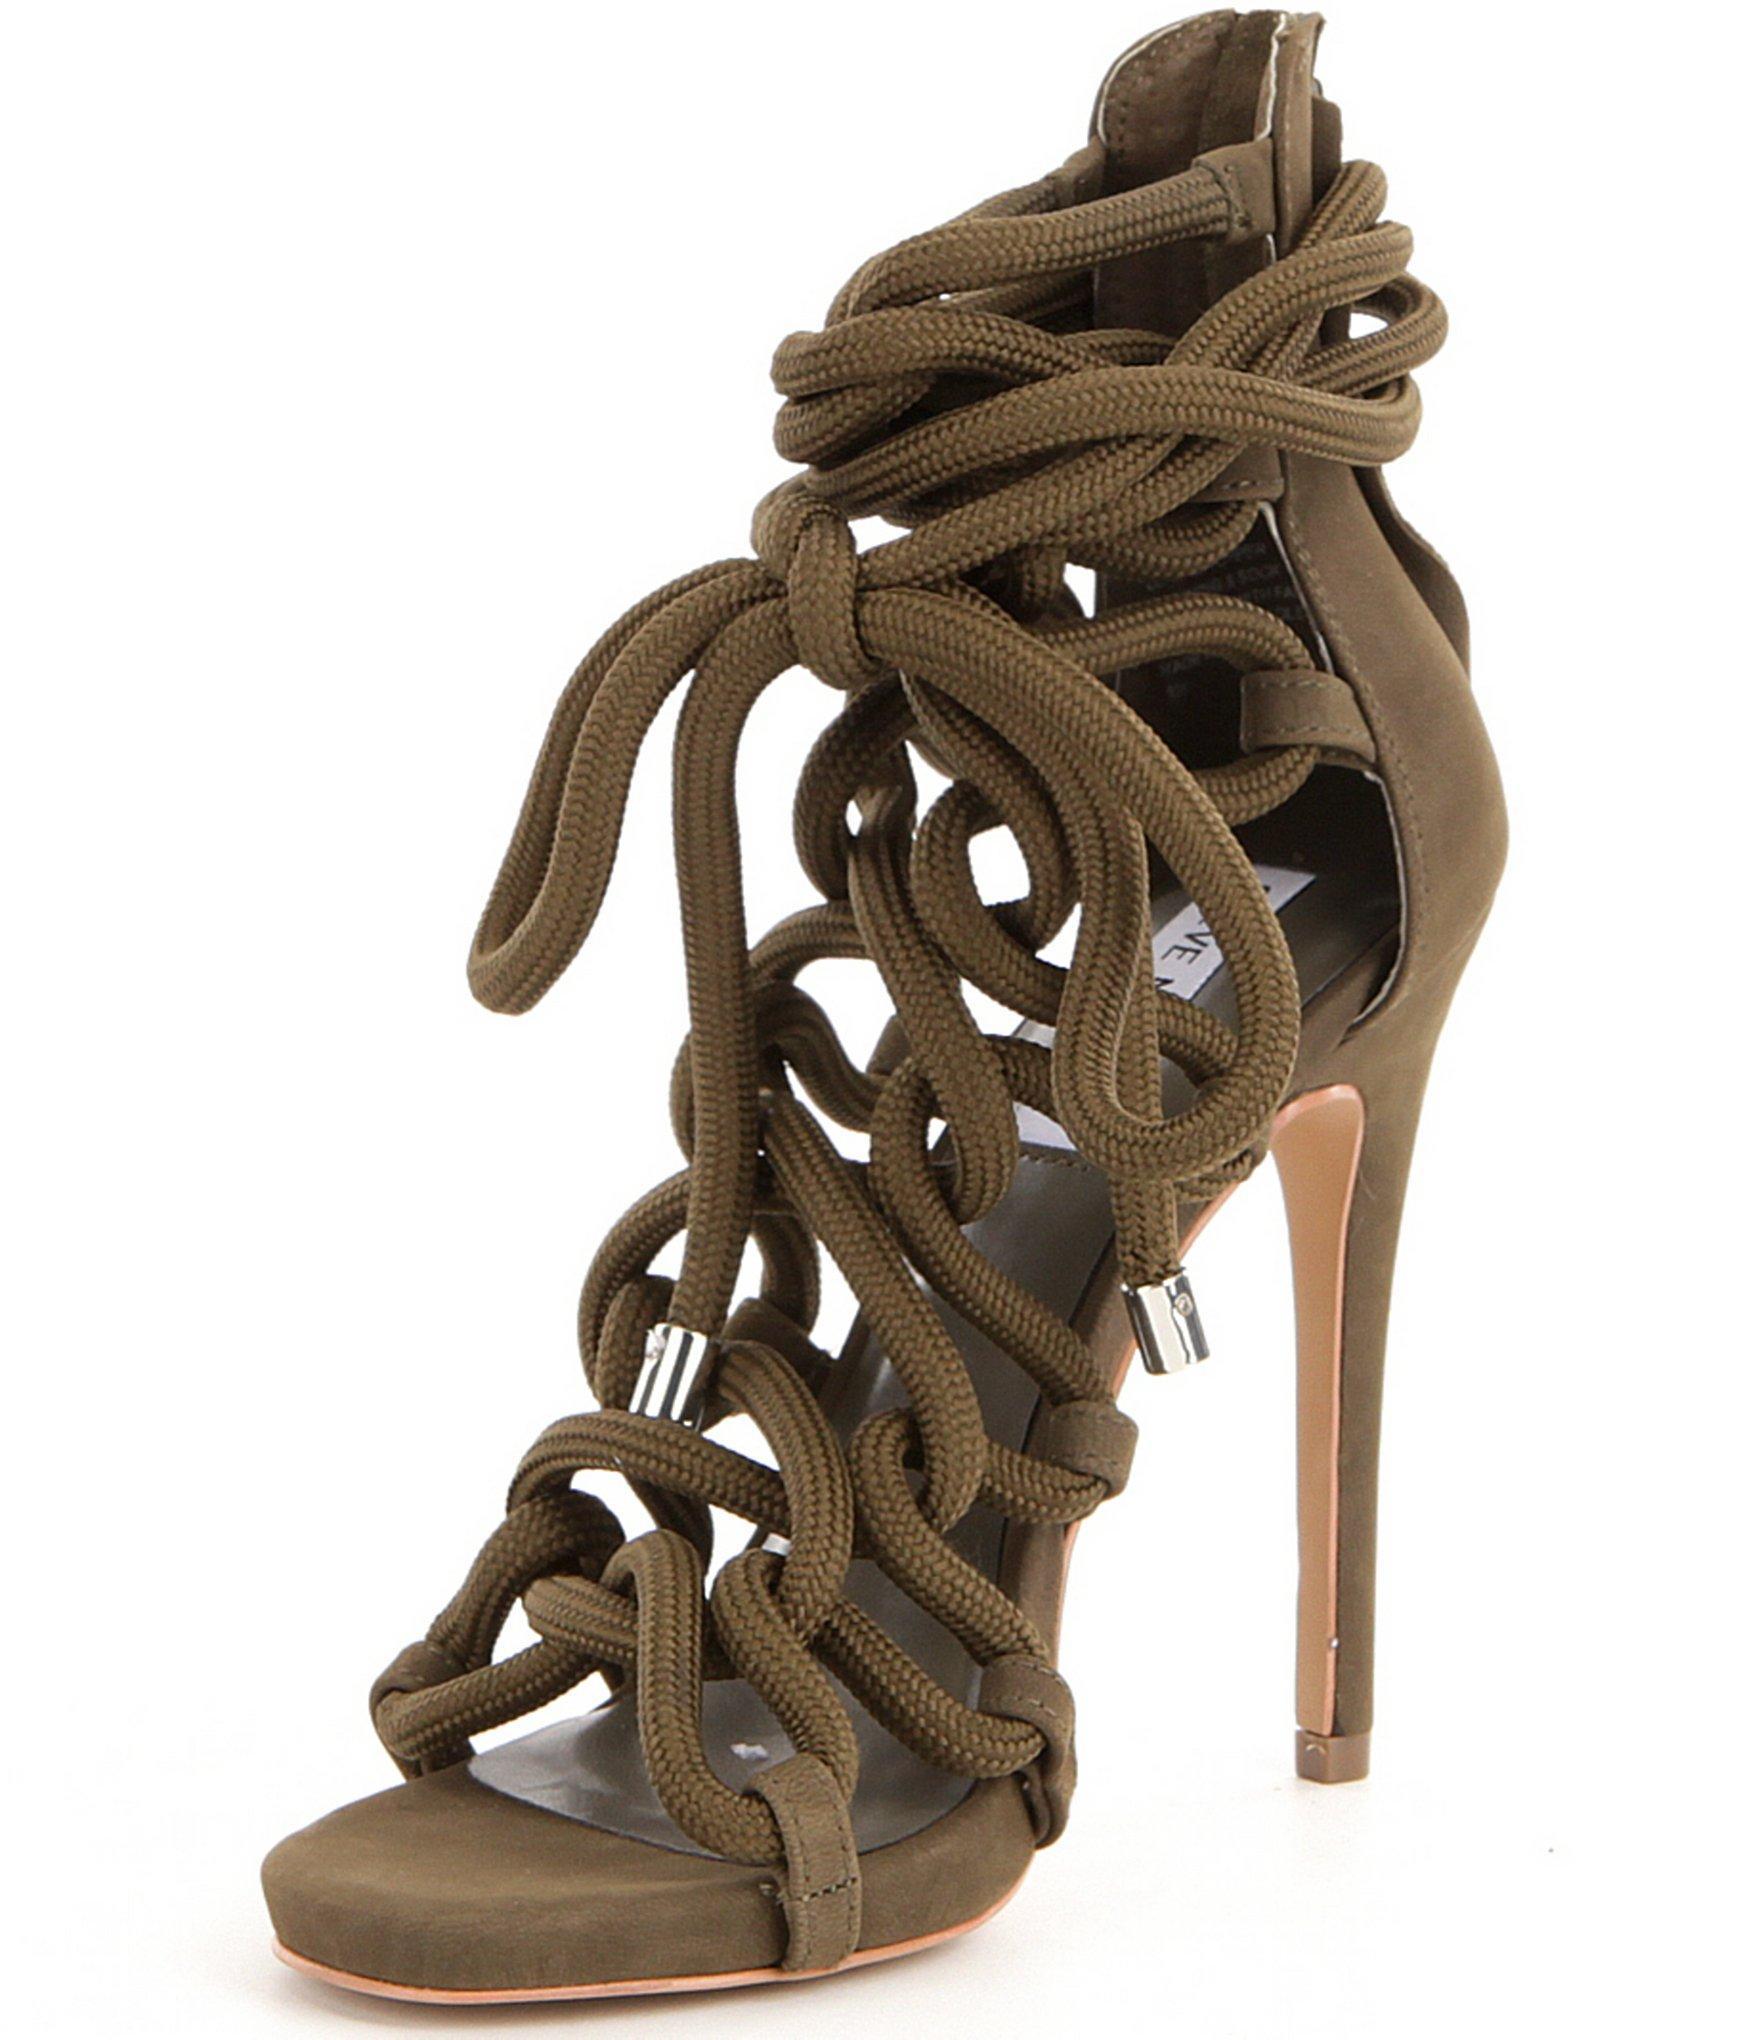 0e08e3cead5a4 Steve Madden Dancin Back Zip Bungee Inspired Lace-up High Heel Dress ...